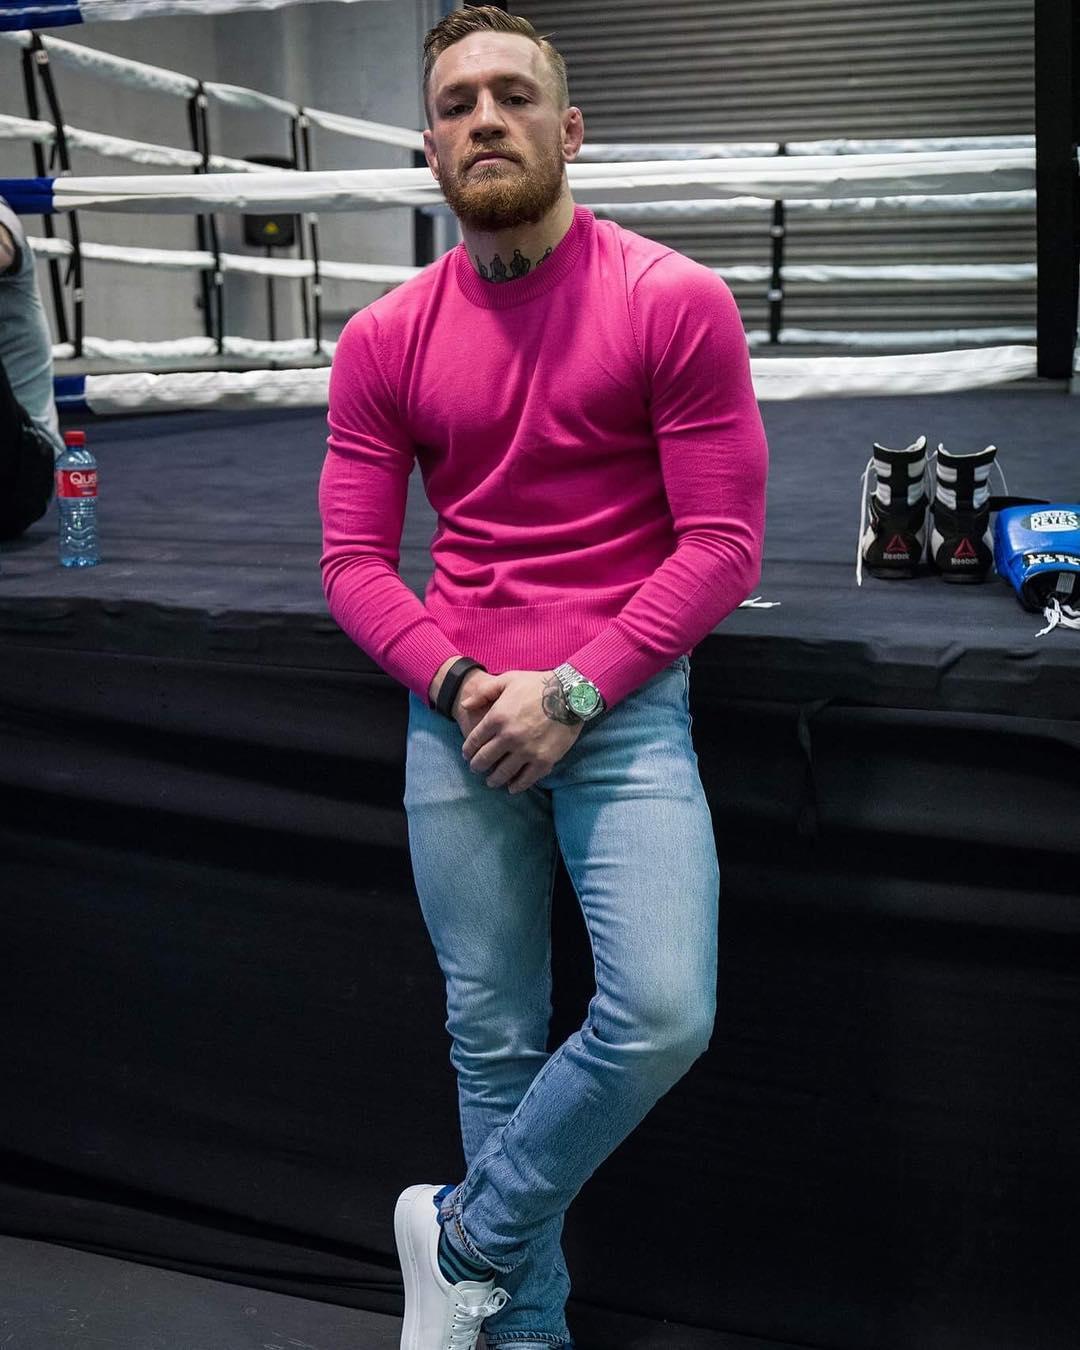 Không chỉ là võ sĩ triệu đô, Conor McGregor còn là một đầu giày hạng nặng với gu thời trang cực kỳ xuất sắc! - Ảnh 11.